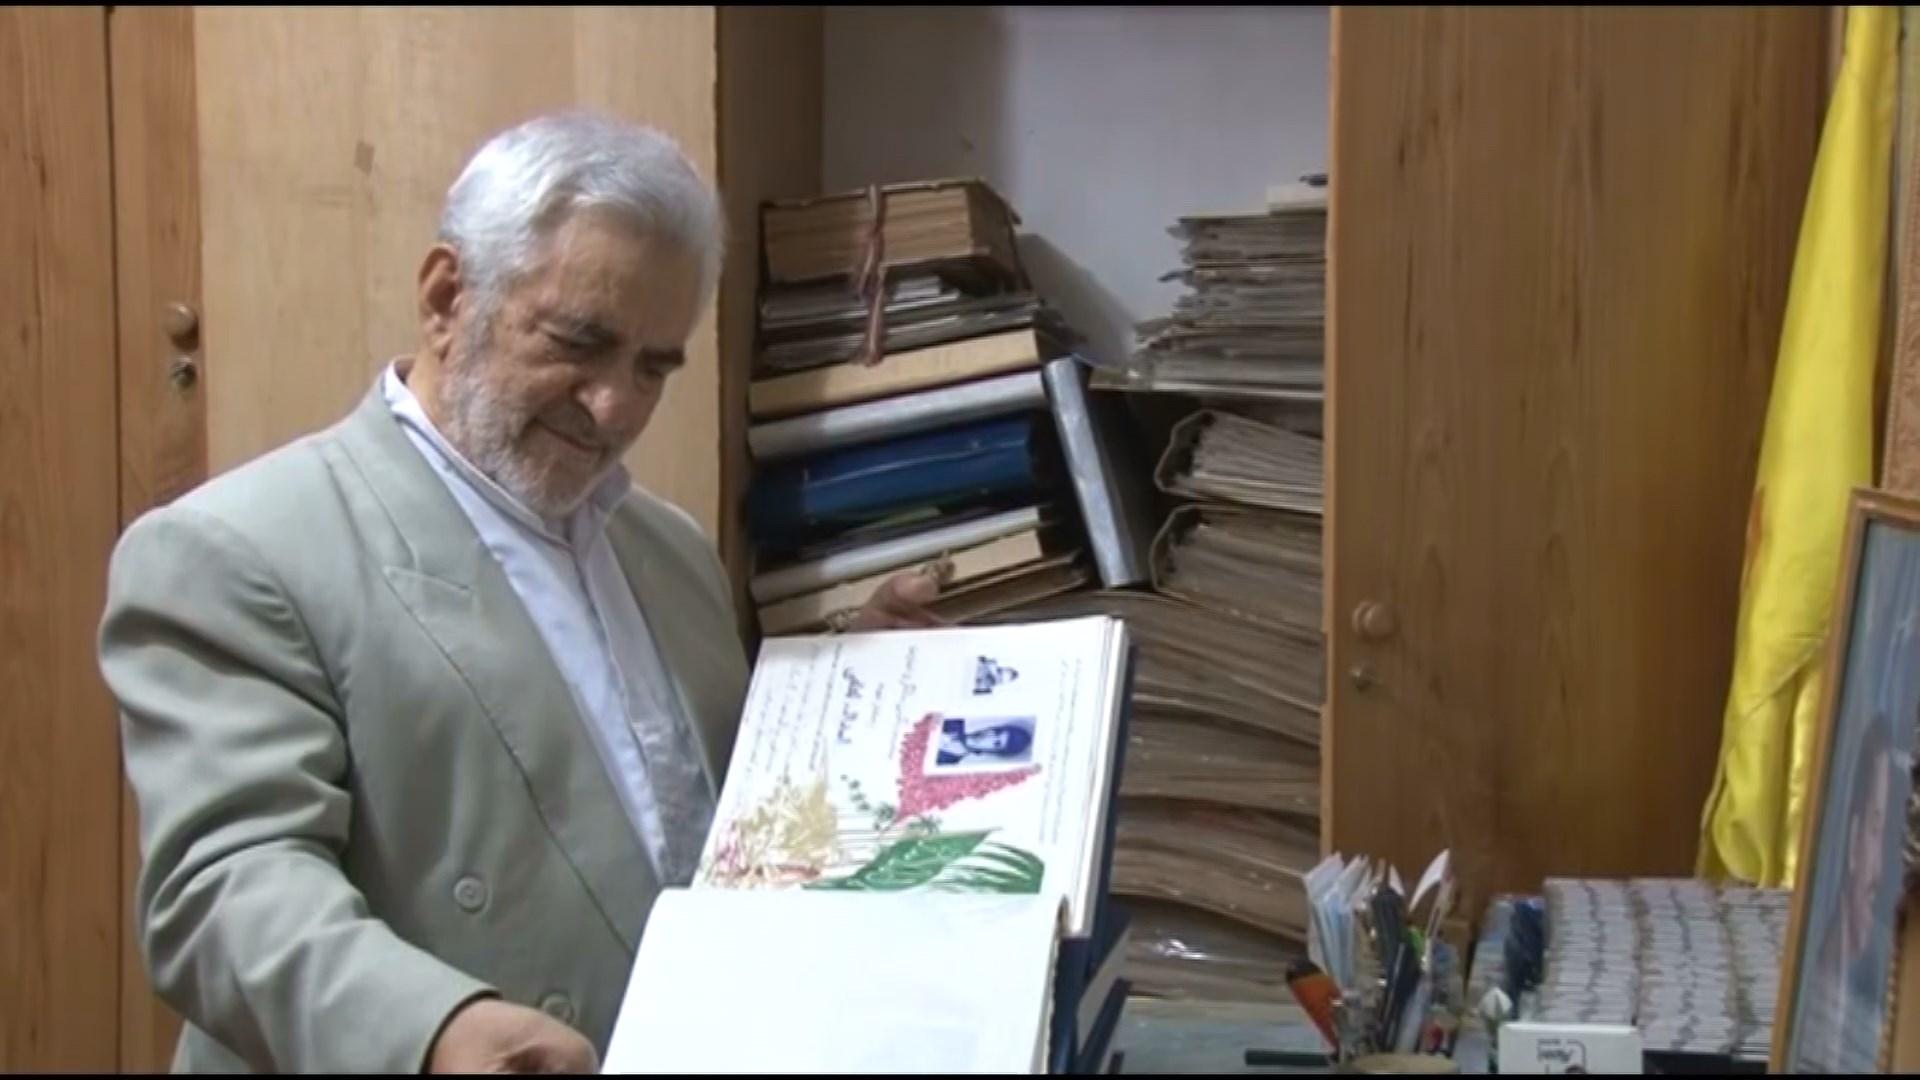 نقش قدیمی ترین چاپخانه نجف آباد در انقلاب+فیلم و تصاویر